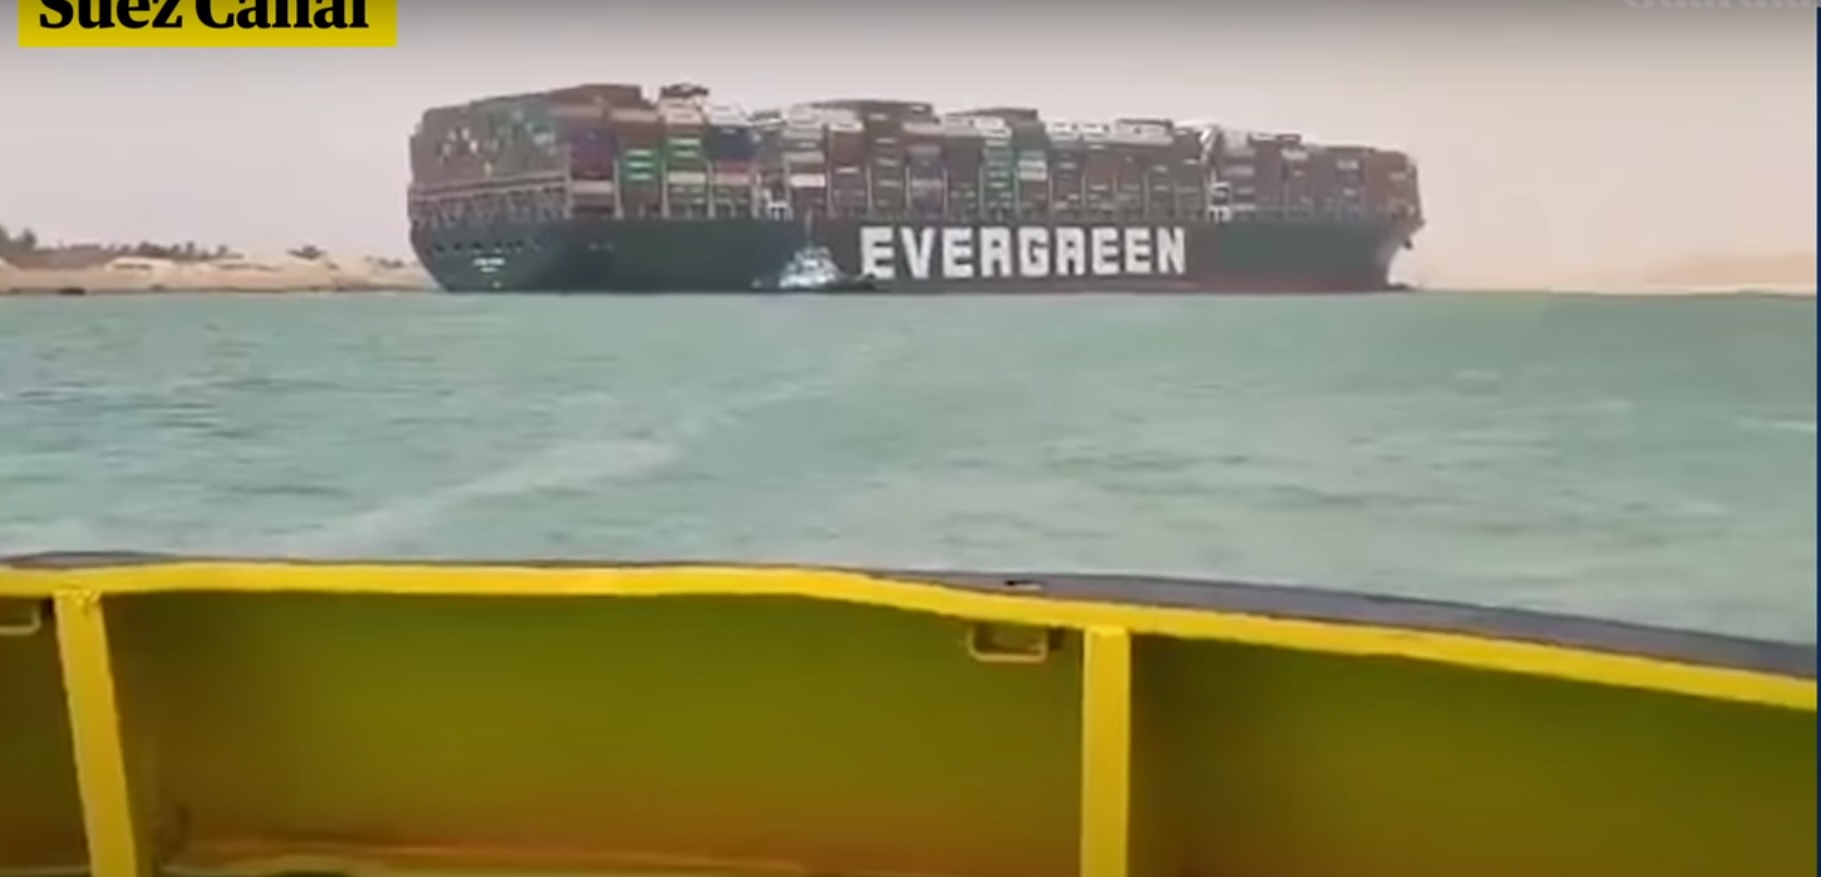 Sueco kanalas užblokuotas. Didžiulis konteinerių laivas užplaukė ant seklumos… beveik skersai